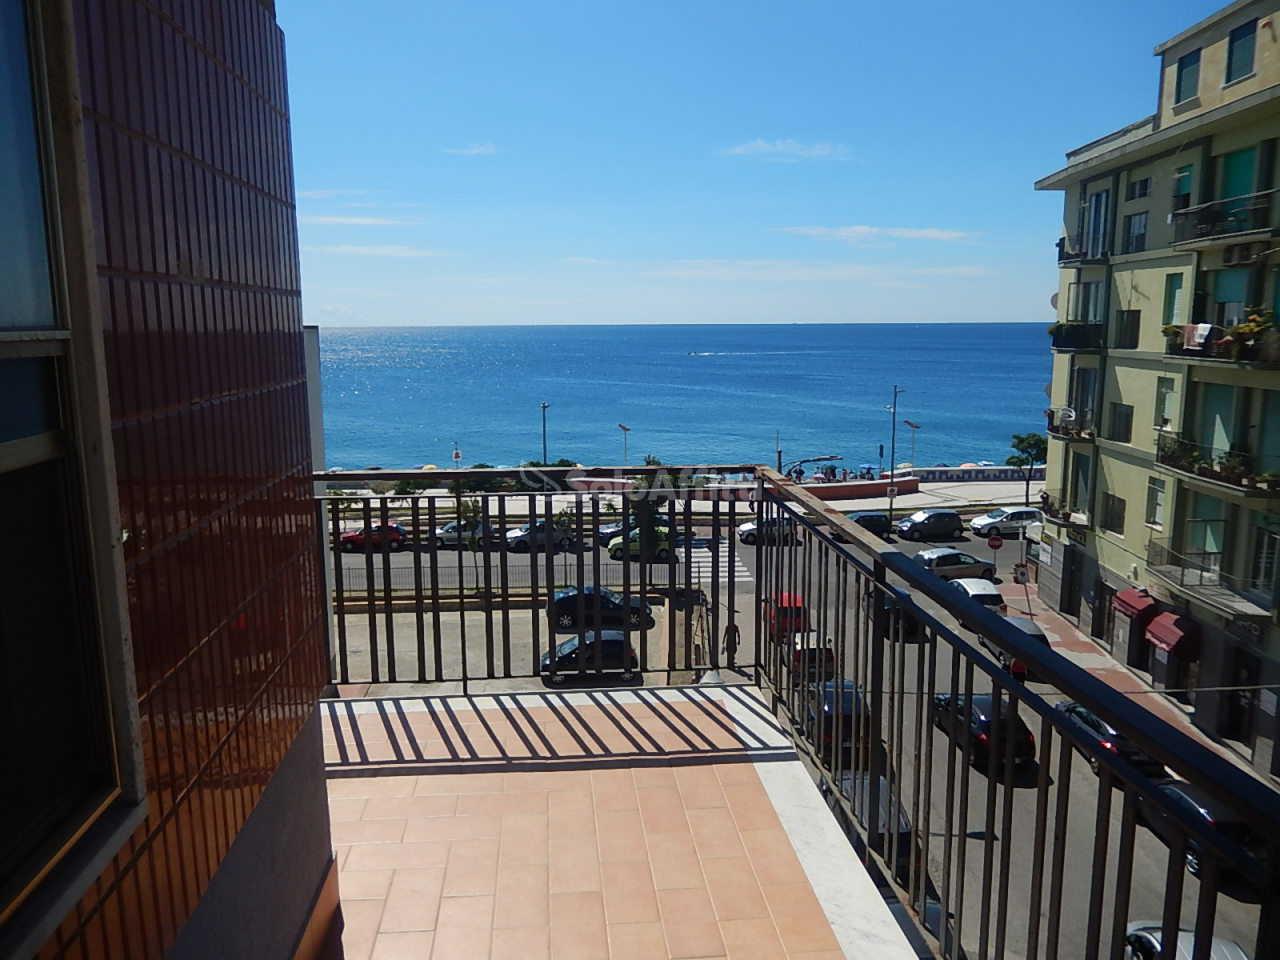 Appartamento in affitto a Catanzaro, 4 locali, zona Località: LidoCorso, prezzo € 1.600 | CambioCasa.it